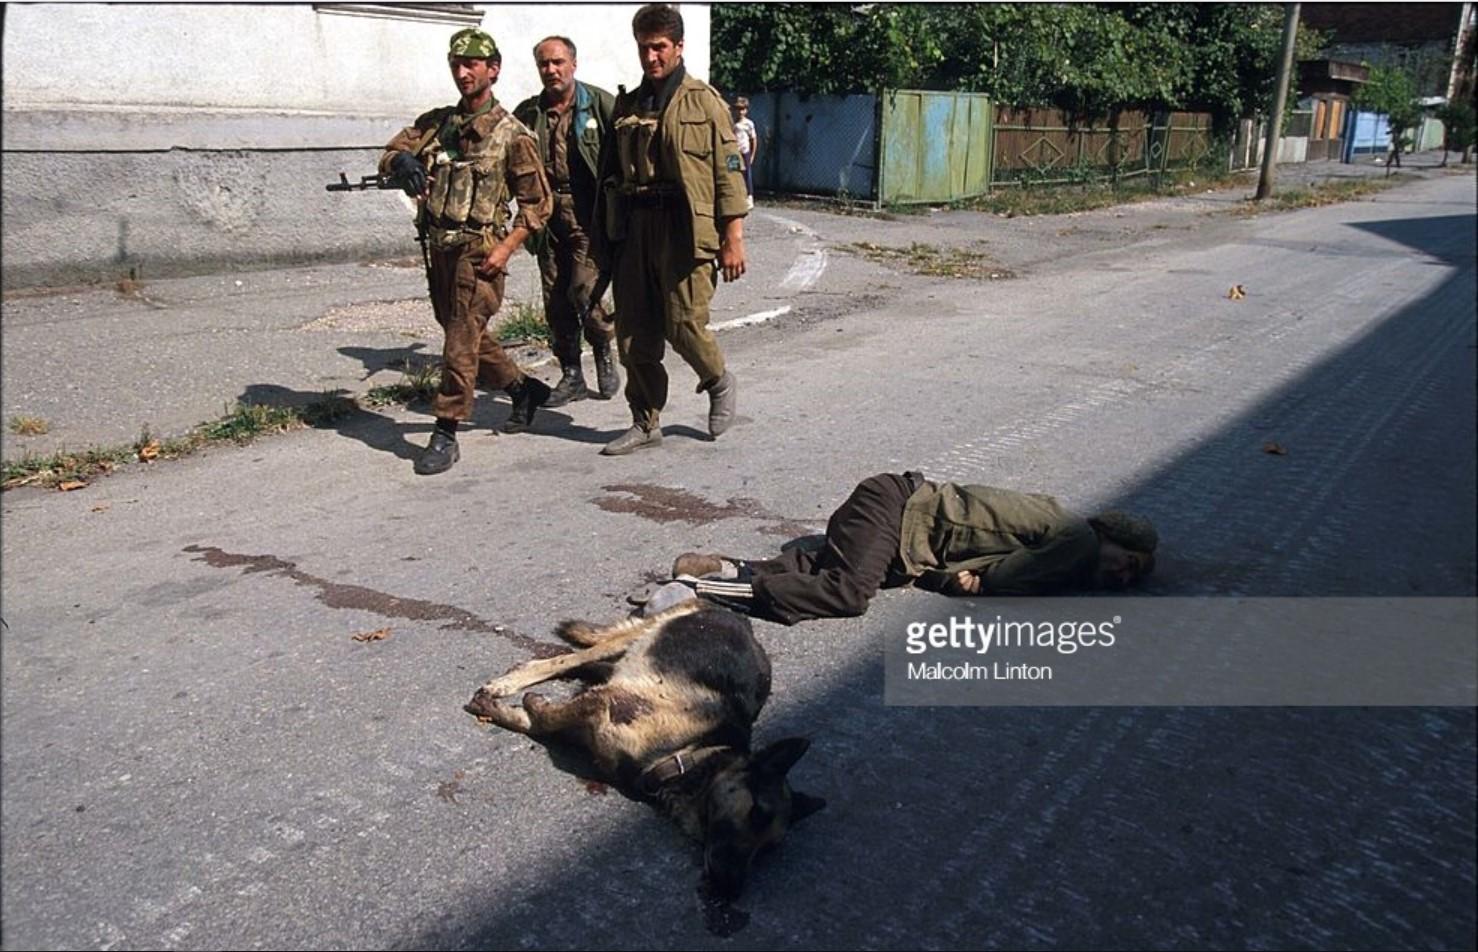 1993. 29 сентября. Сухуми. Солдаты проходят мимо тел мужчины и собаки